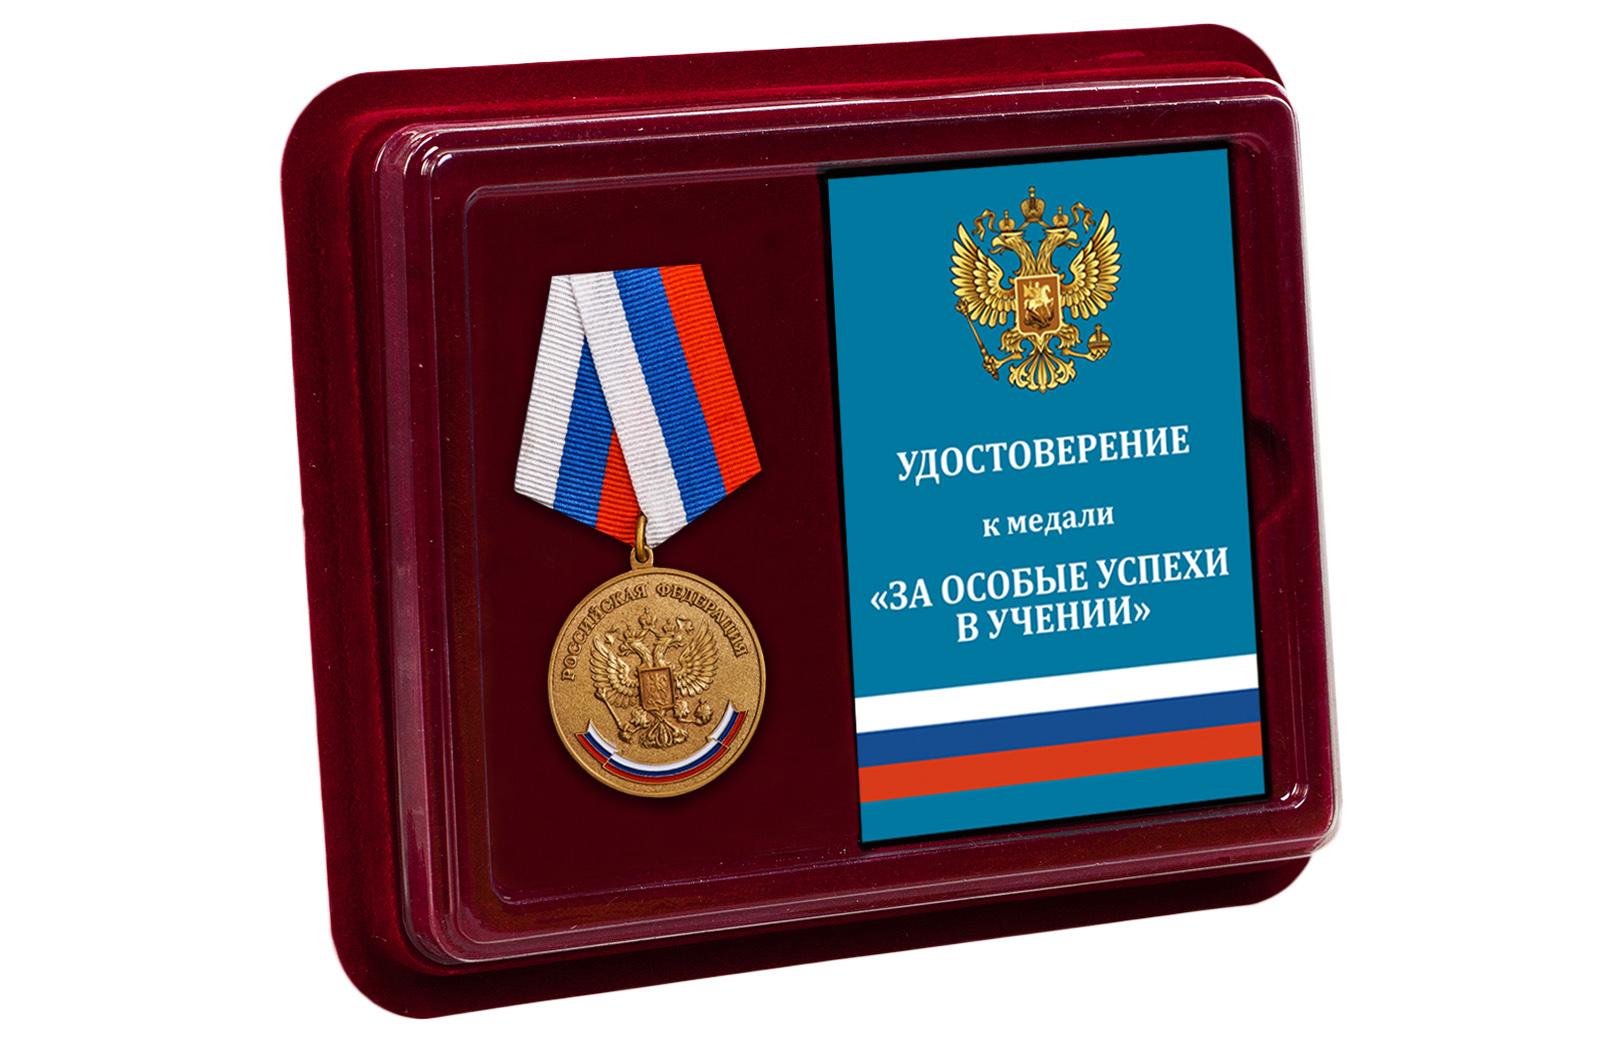 Купить медаль За особые успехи в учении оптом или в розницу